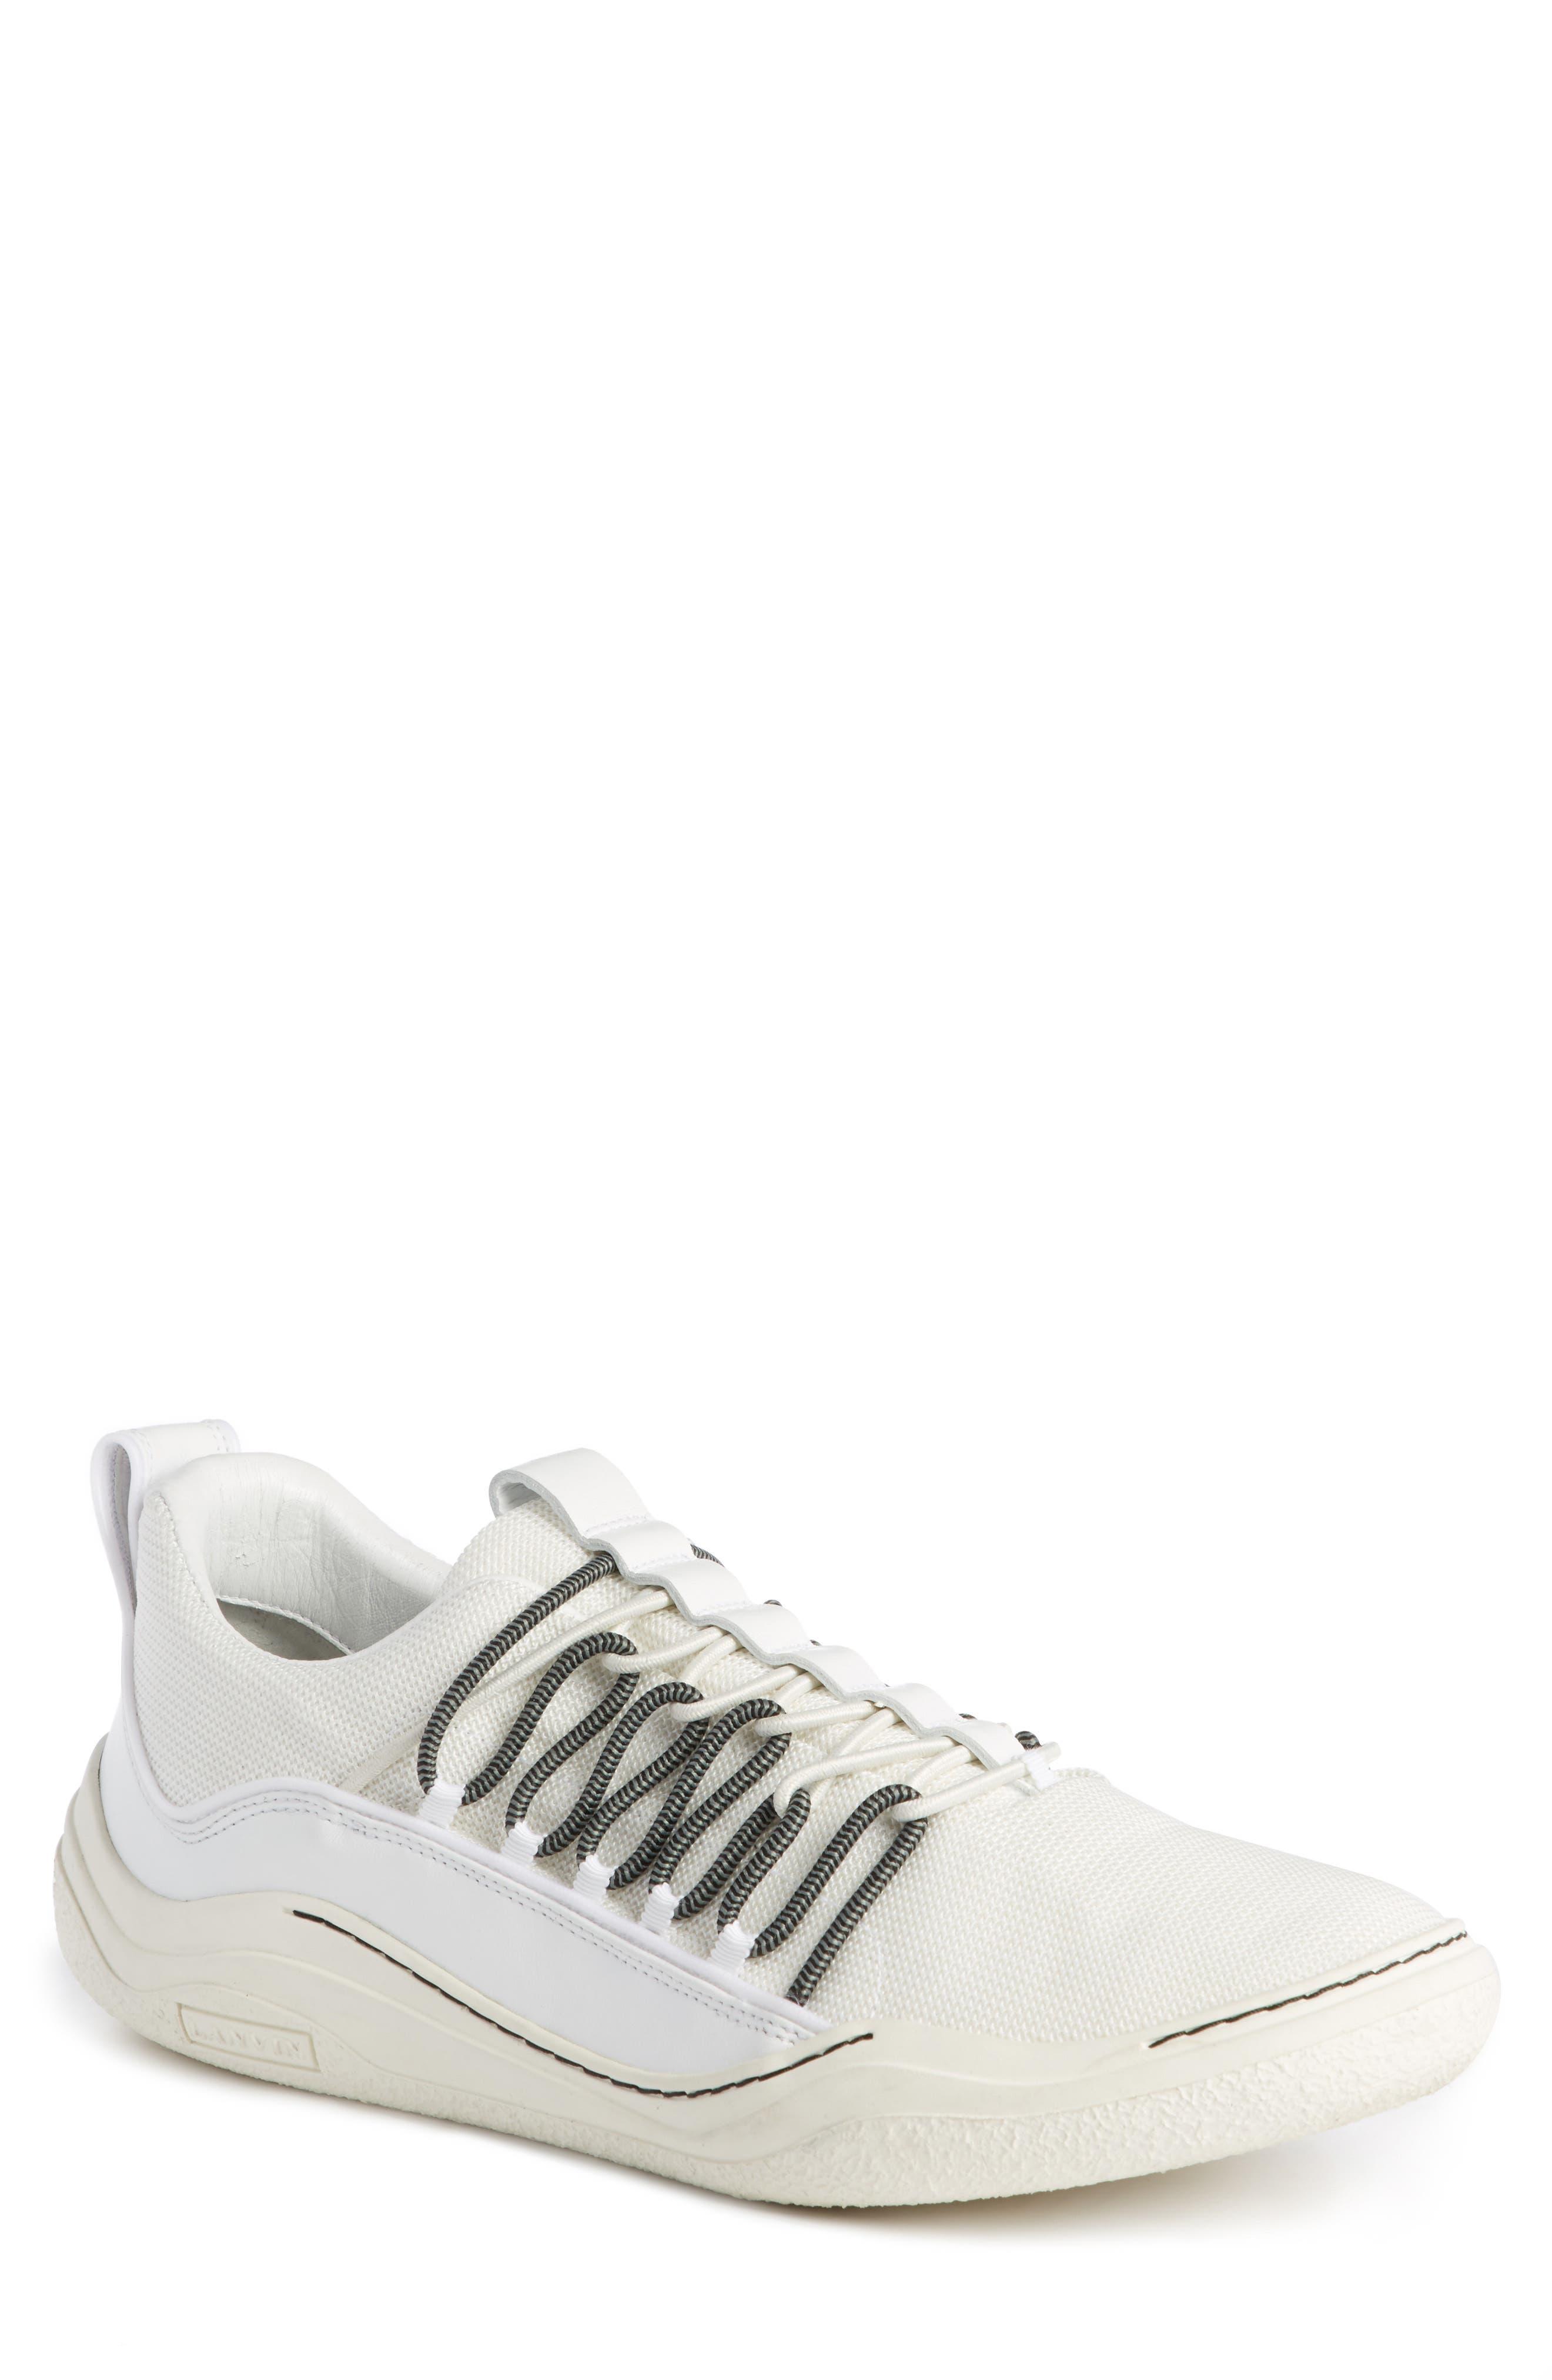 Alternate Image 1 Selected - Lanvin Elastic Sneaker (Men)